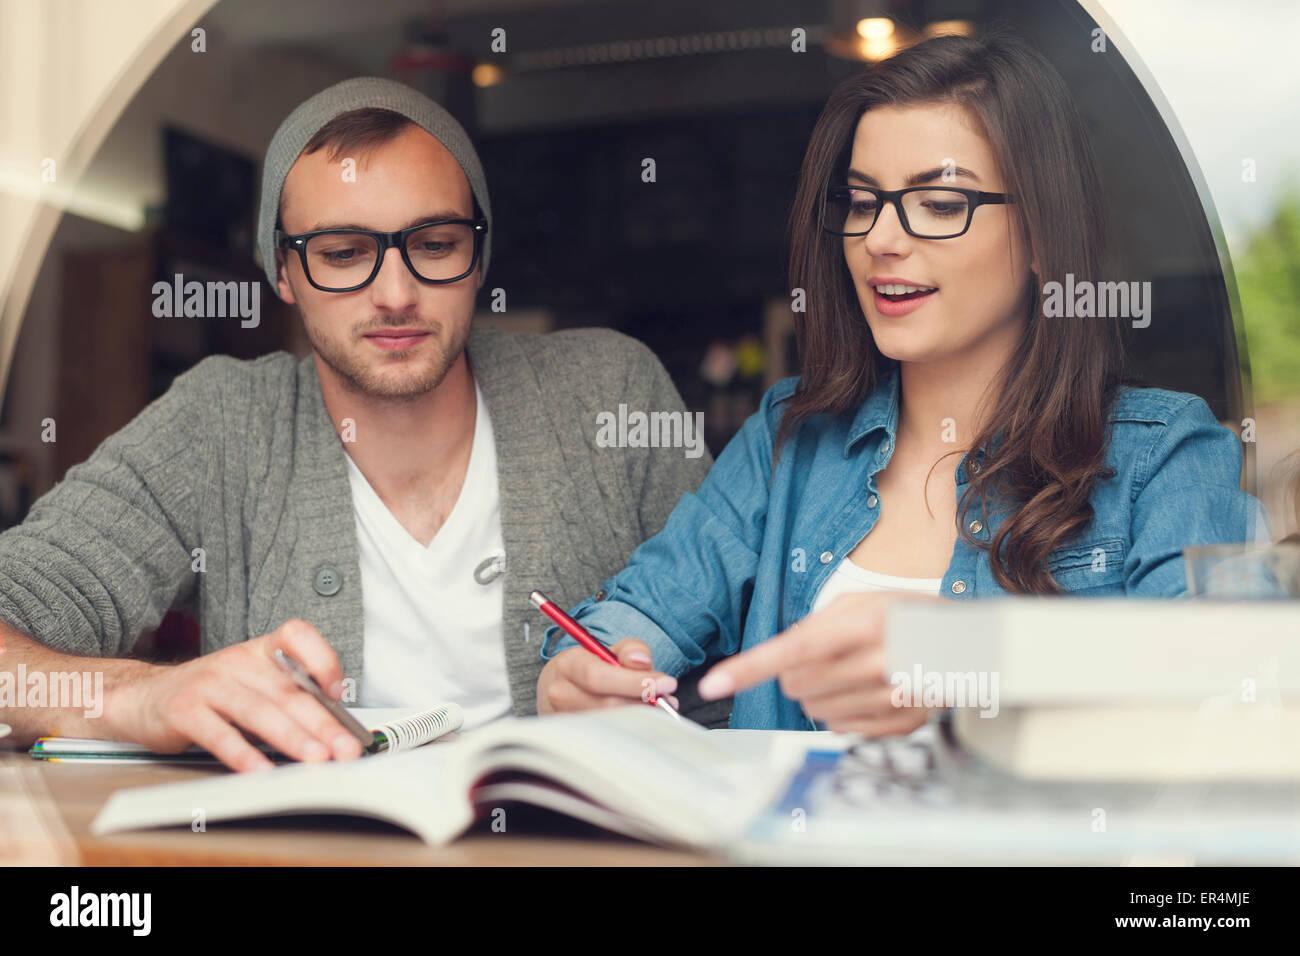 Jeune couple Hipster étudier ensemble au café. Cracovie, Pologne Banque D'Images